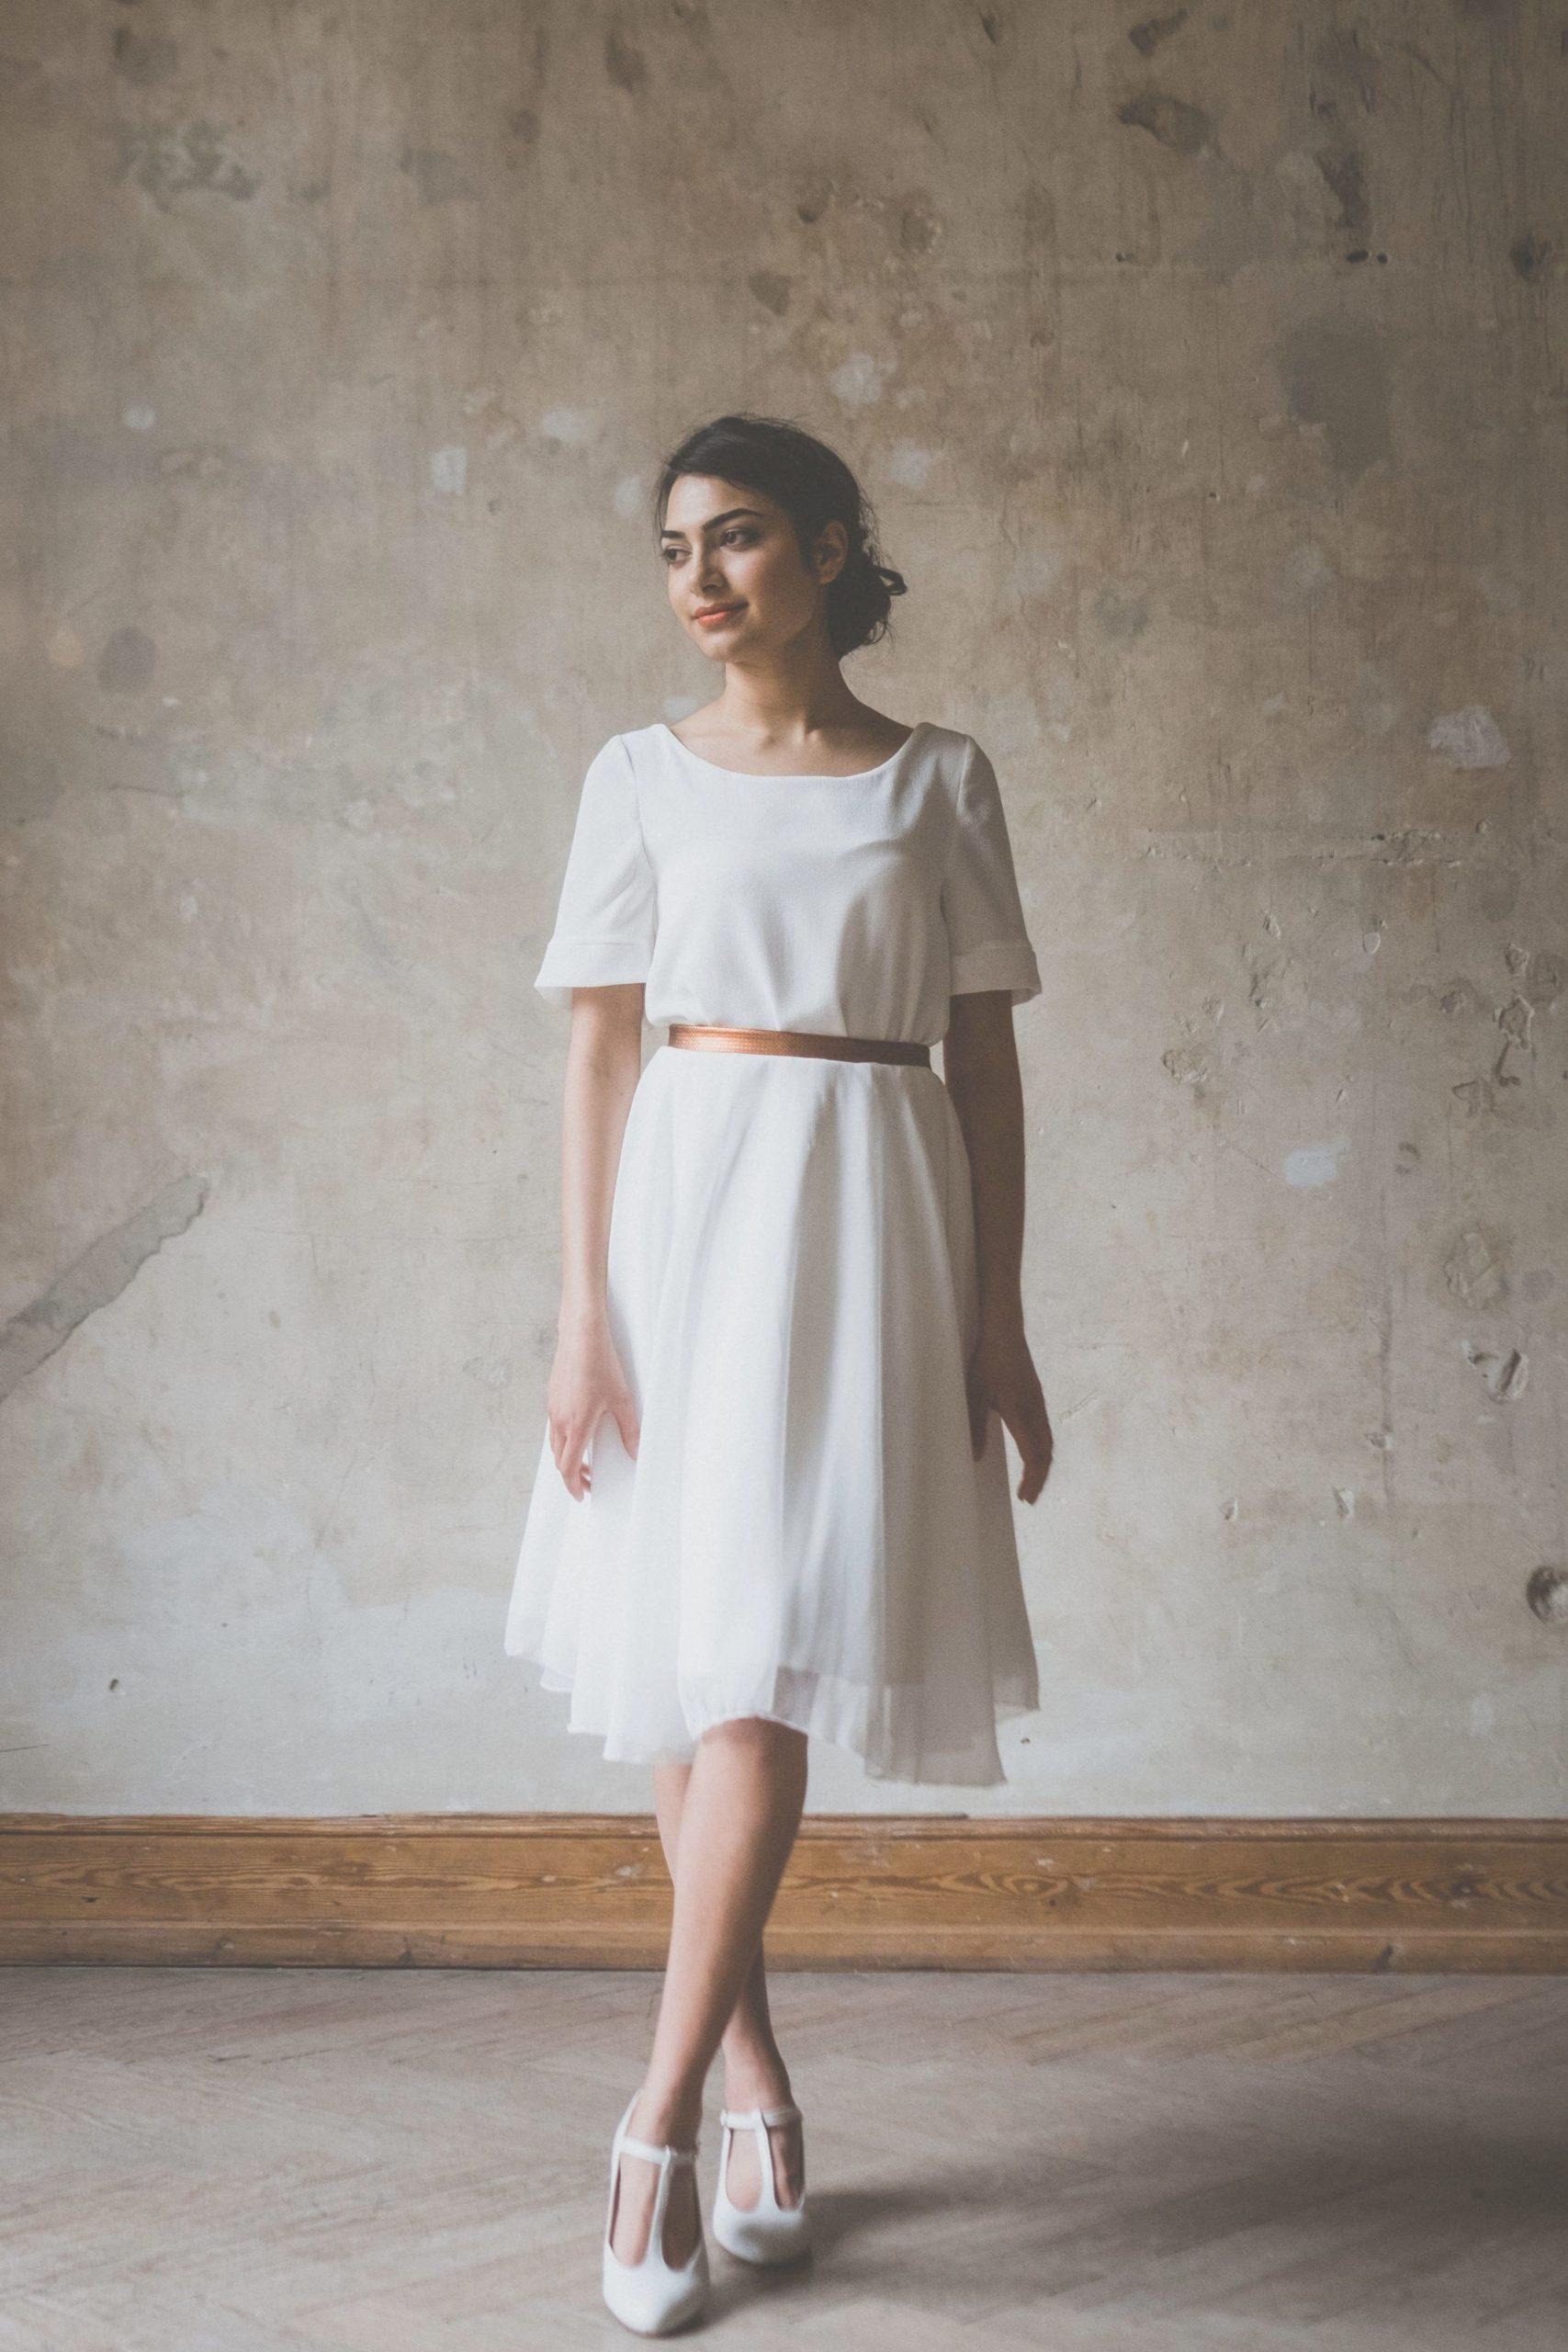 Brautkleid Kurz Für Standesamt #brautkleid #standesamt #kurz